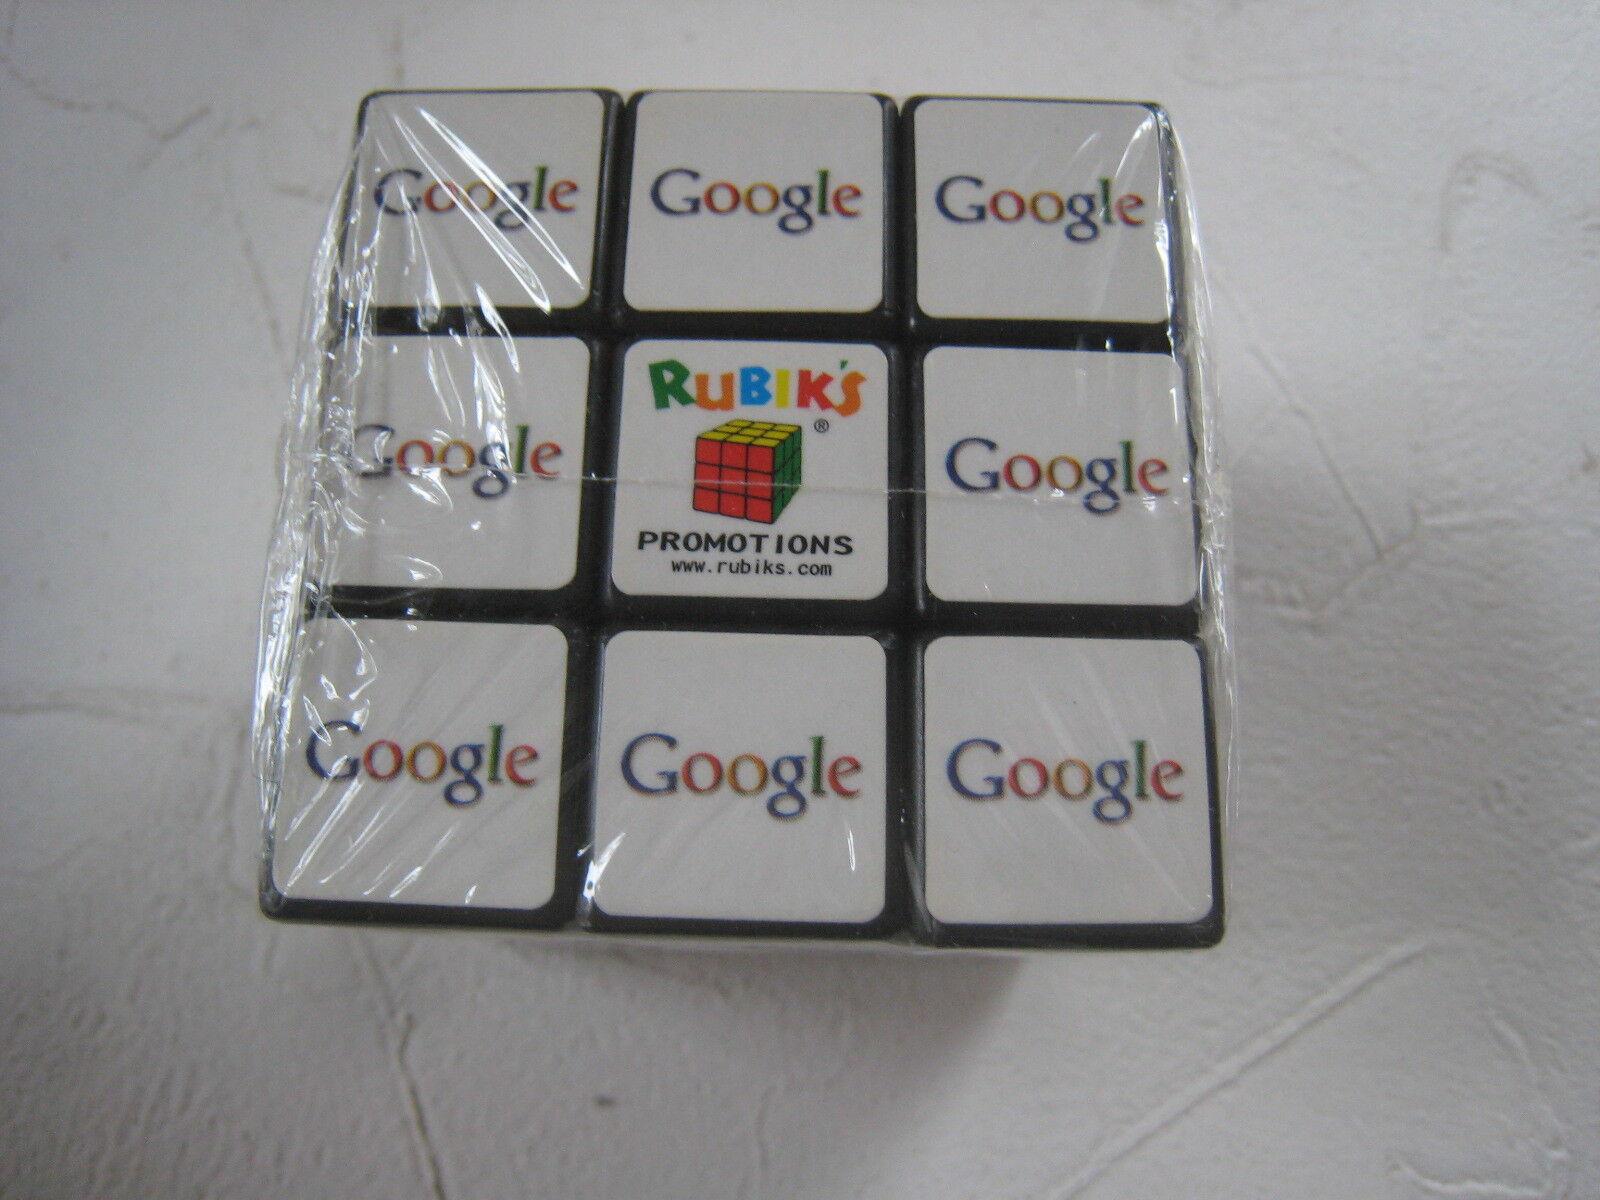 Google promo genuine rubik's cube 3x3 Puzzles novelty rubik unopened new